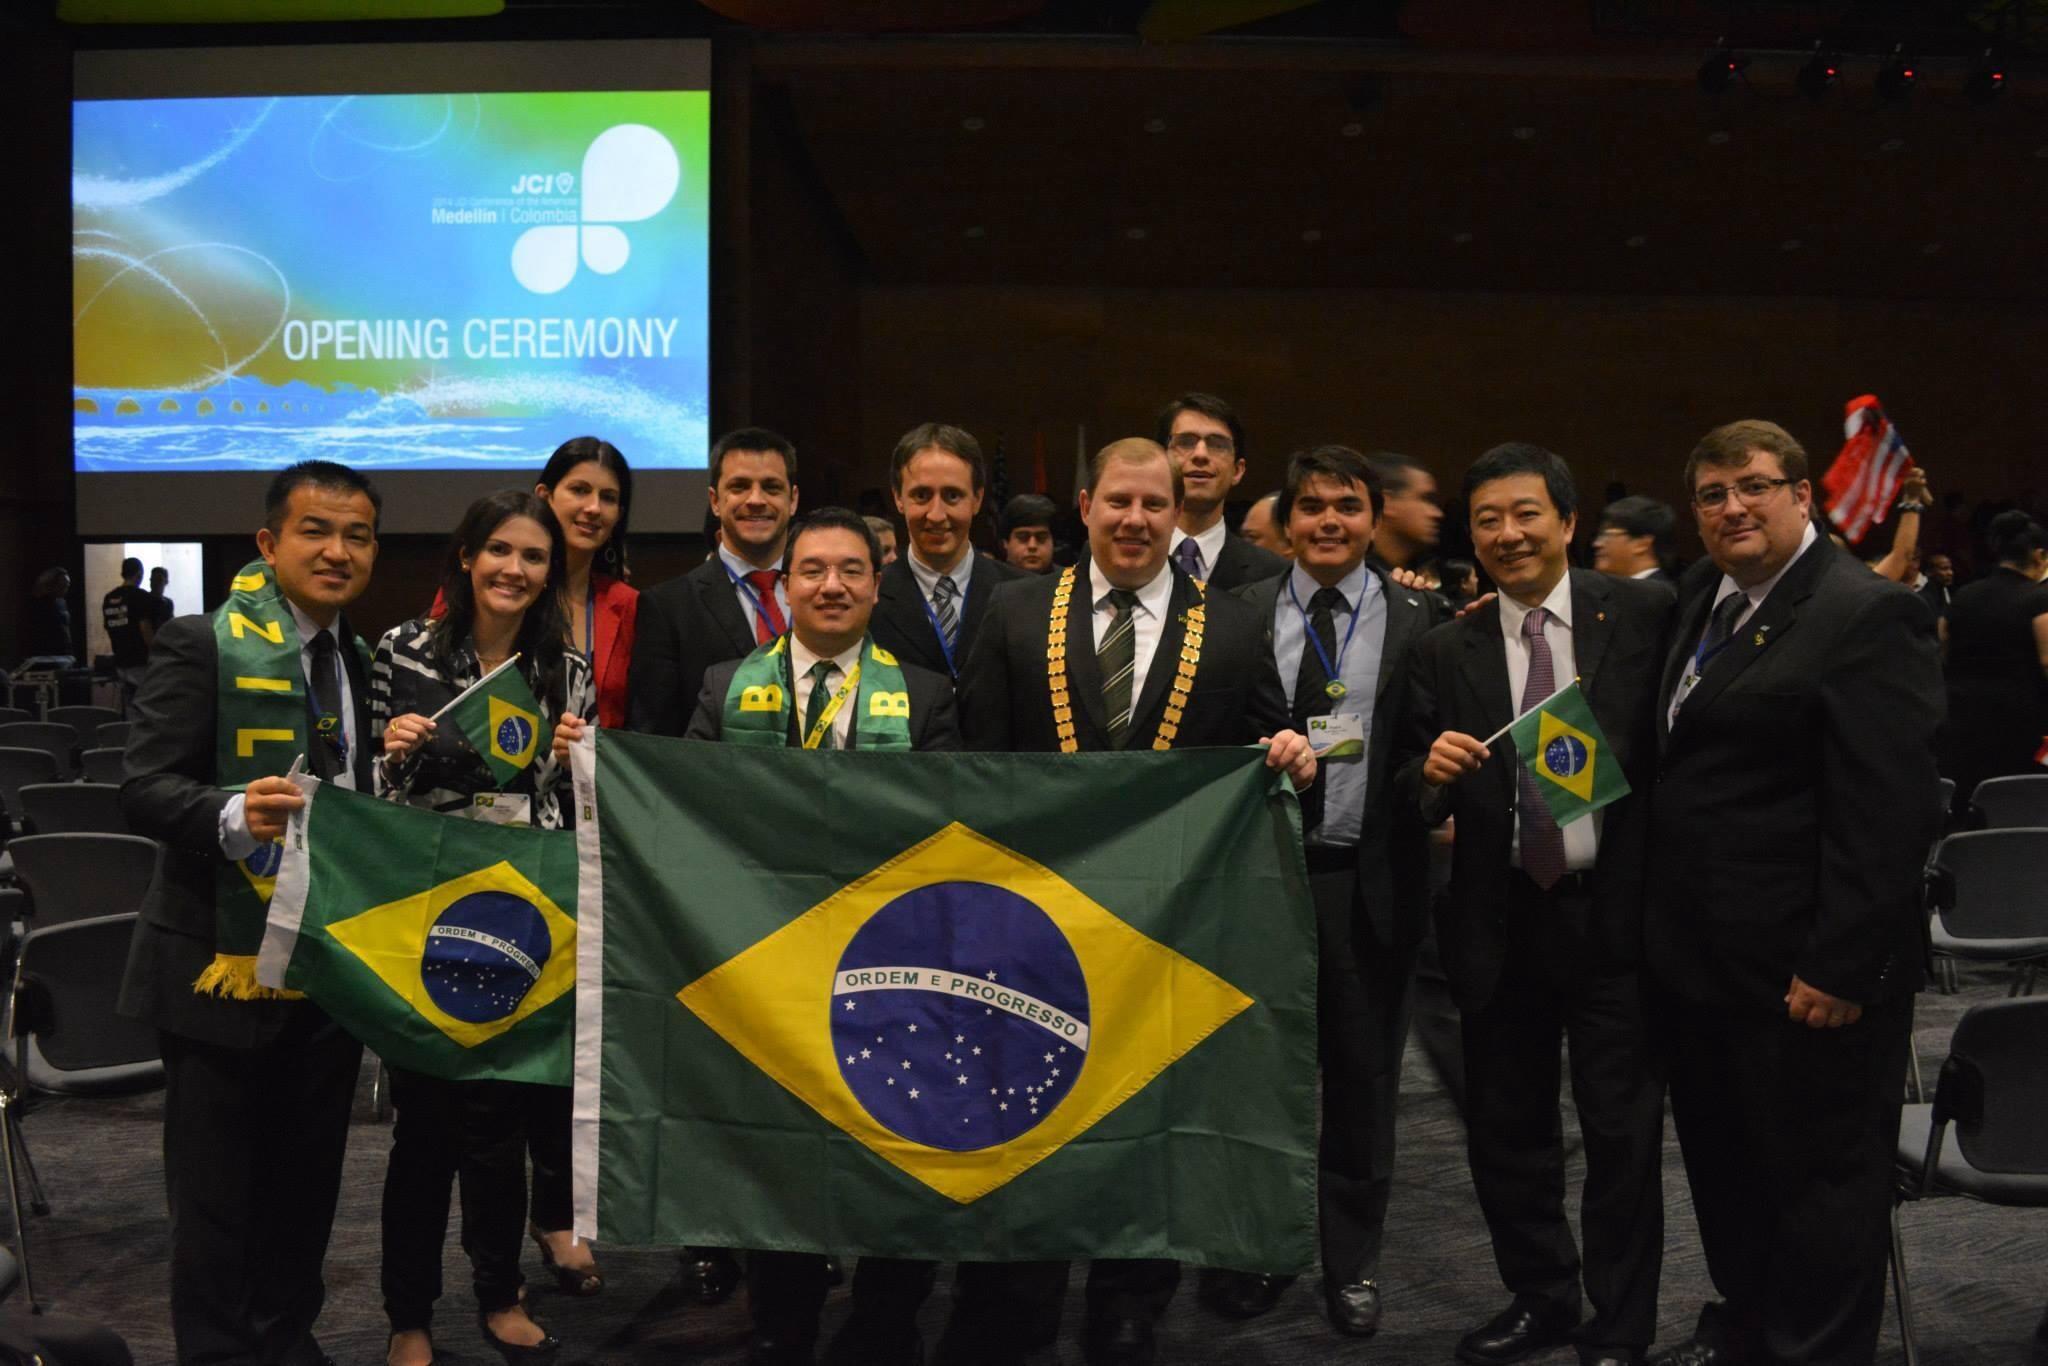 Membros da delegação brasileira representando suas Organizações Locais e o Brasil na Cerimônia de abertura